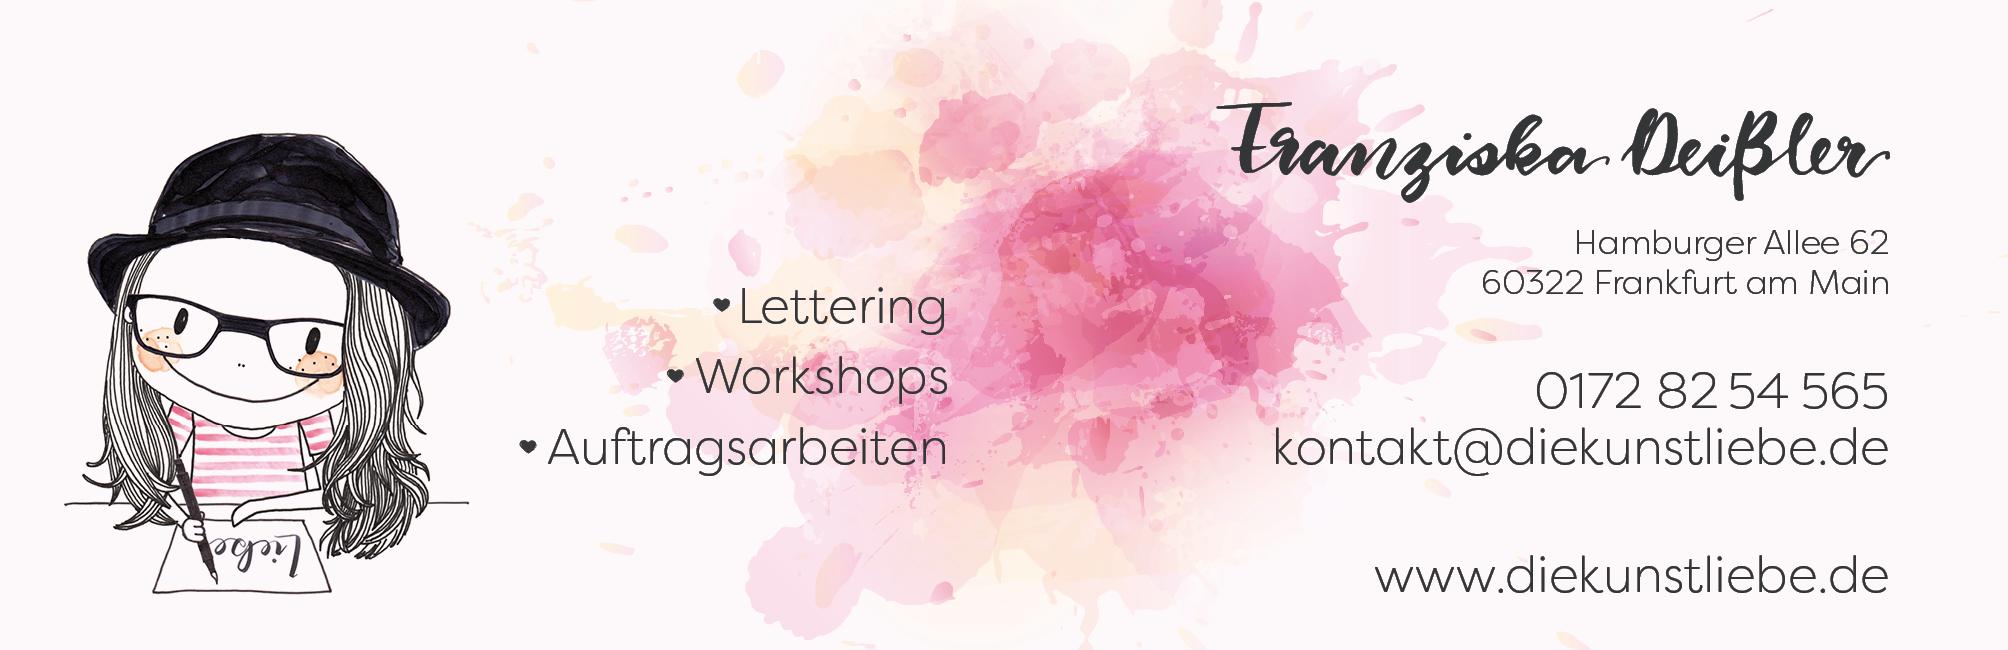 Kunstliebe - lettering & more